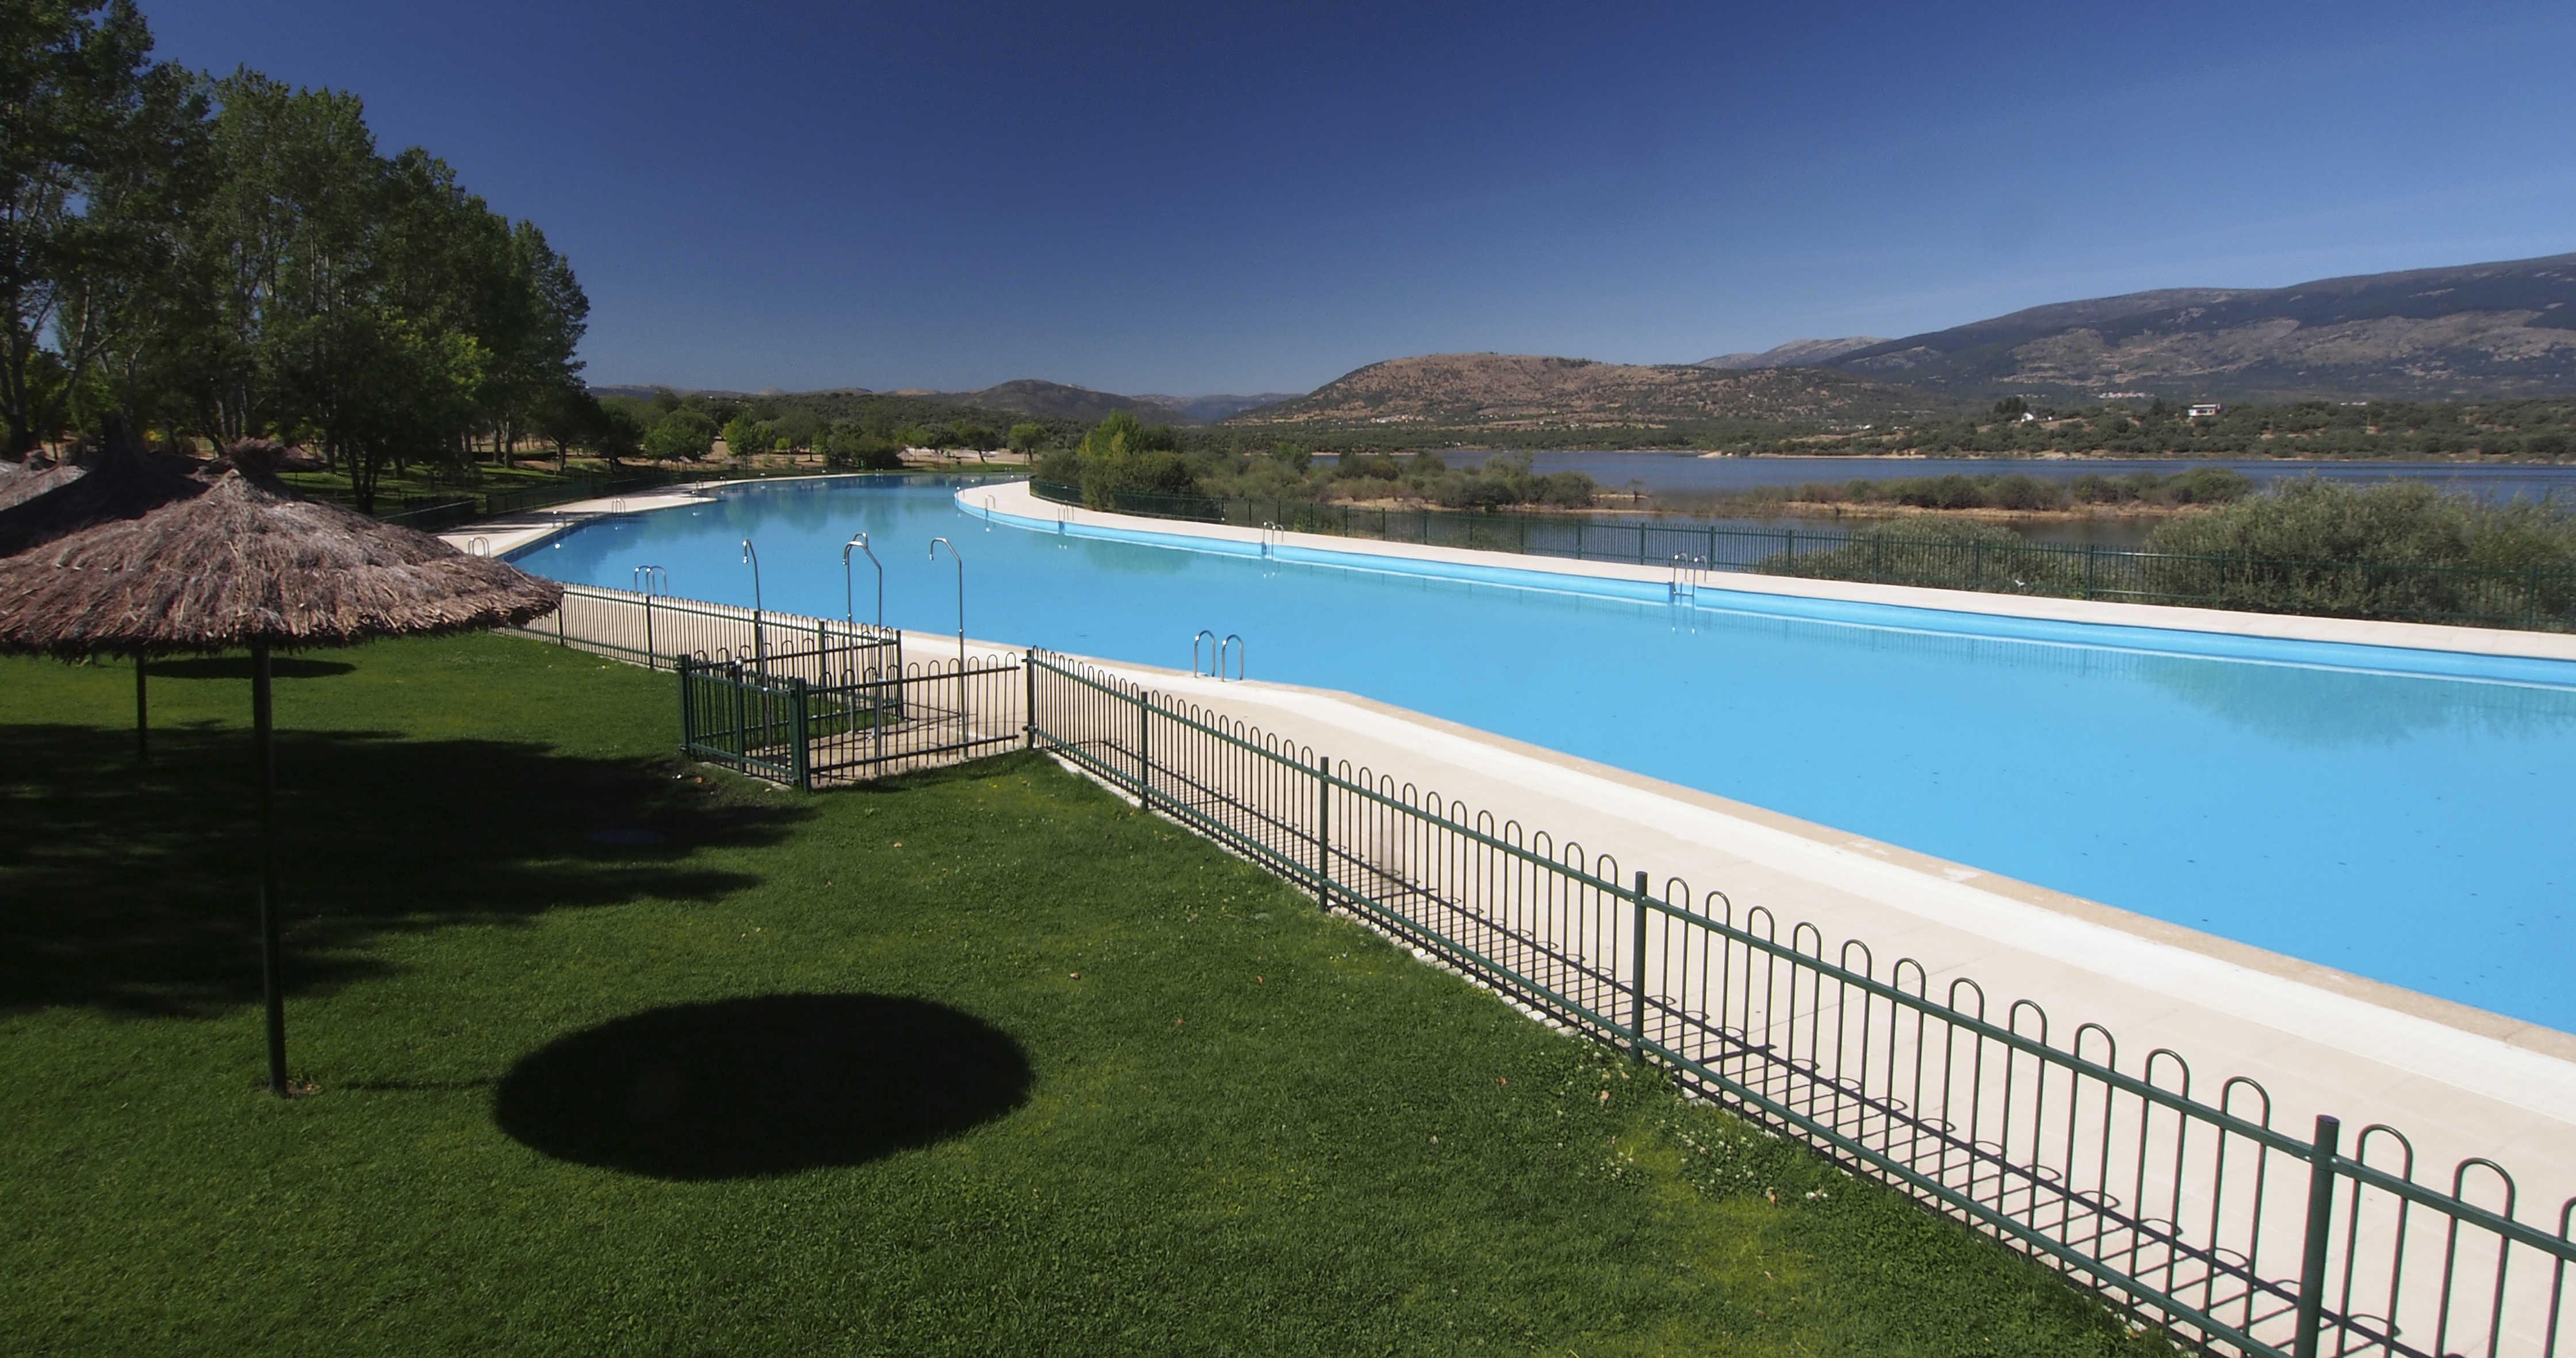 La piscina de metros cuadrados de buitrago de lozoya for Piscinas madrid